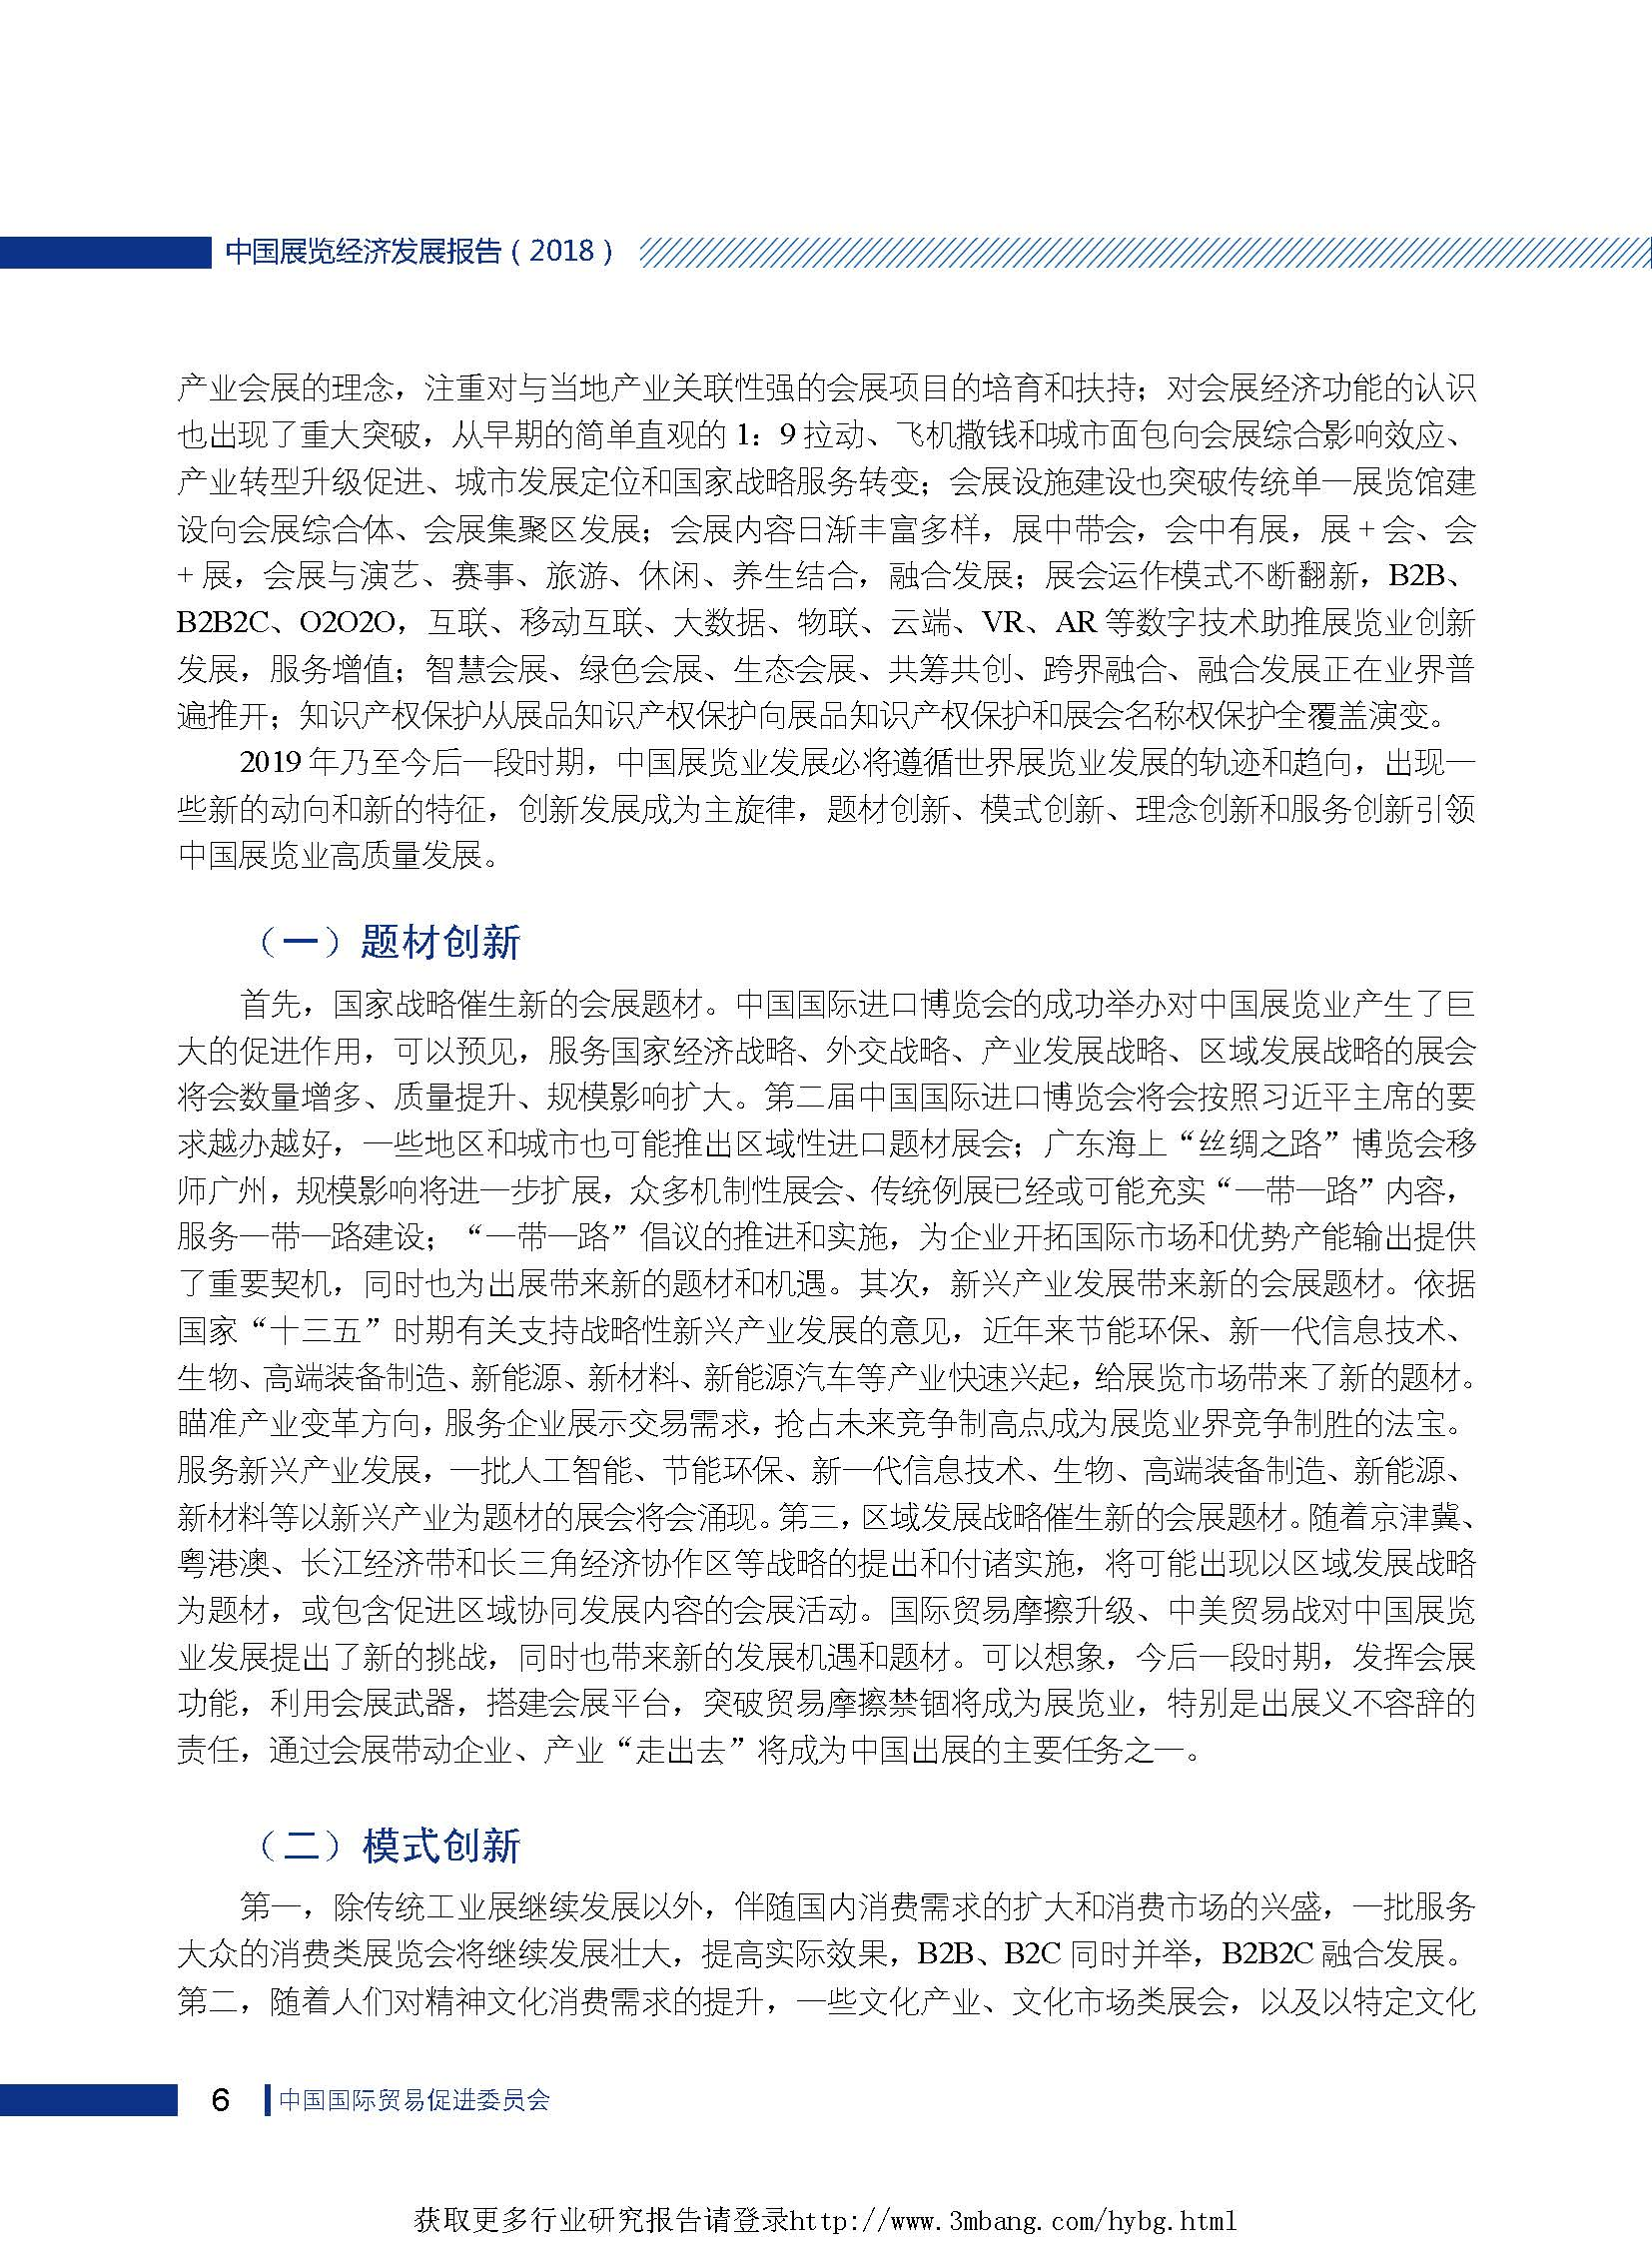 1_页面_013.jpg